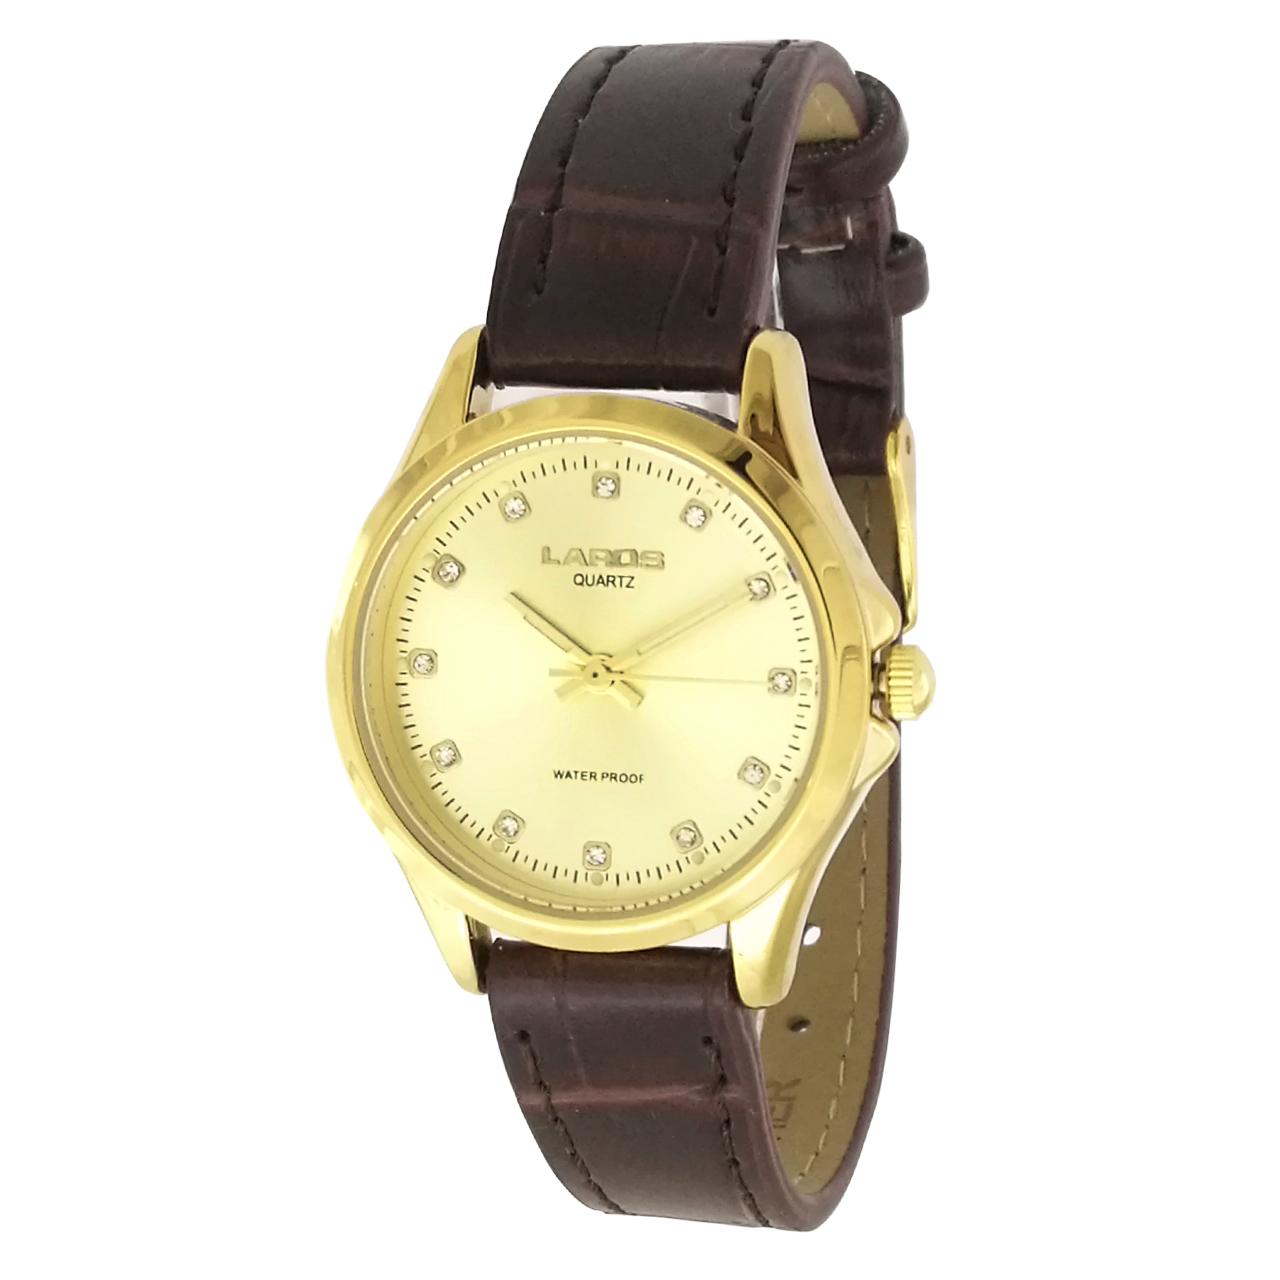 ساعت مچی عقربه ای زنانه لاروس مدل  0118-80227-s به همراه دستمال مخصوص برند کلین واچ